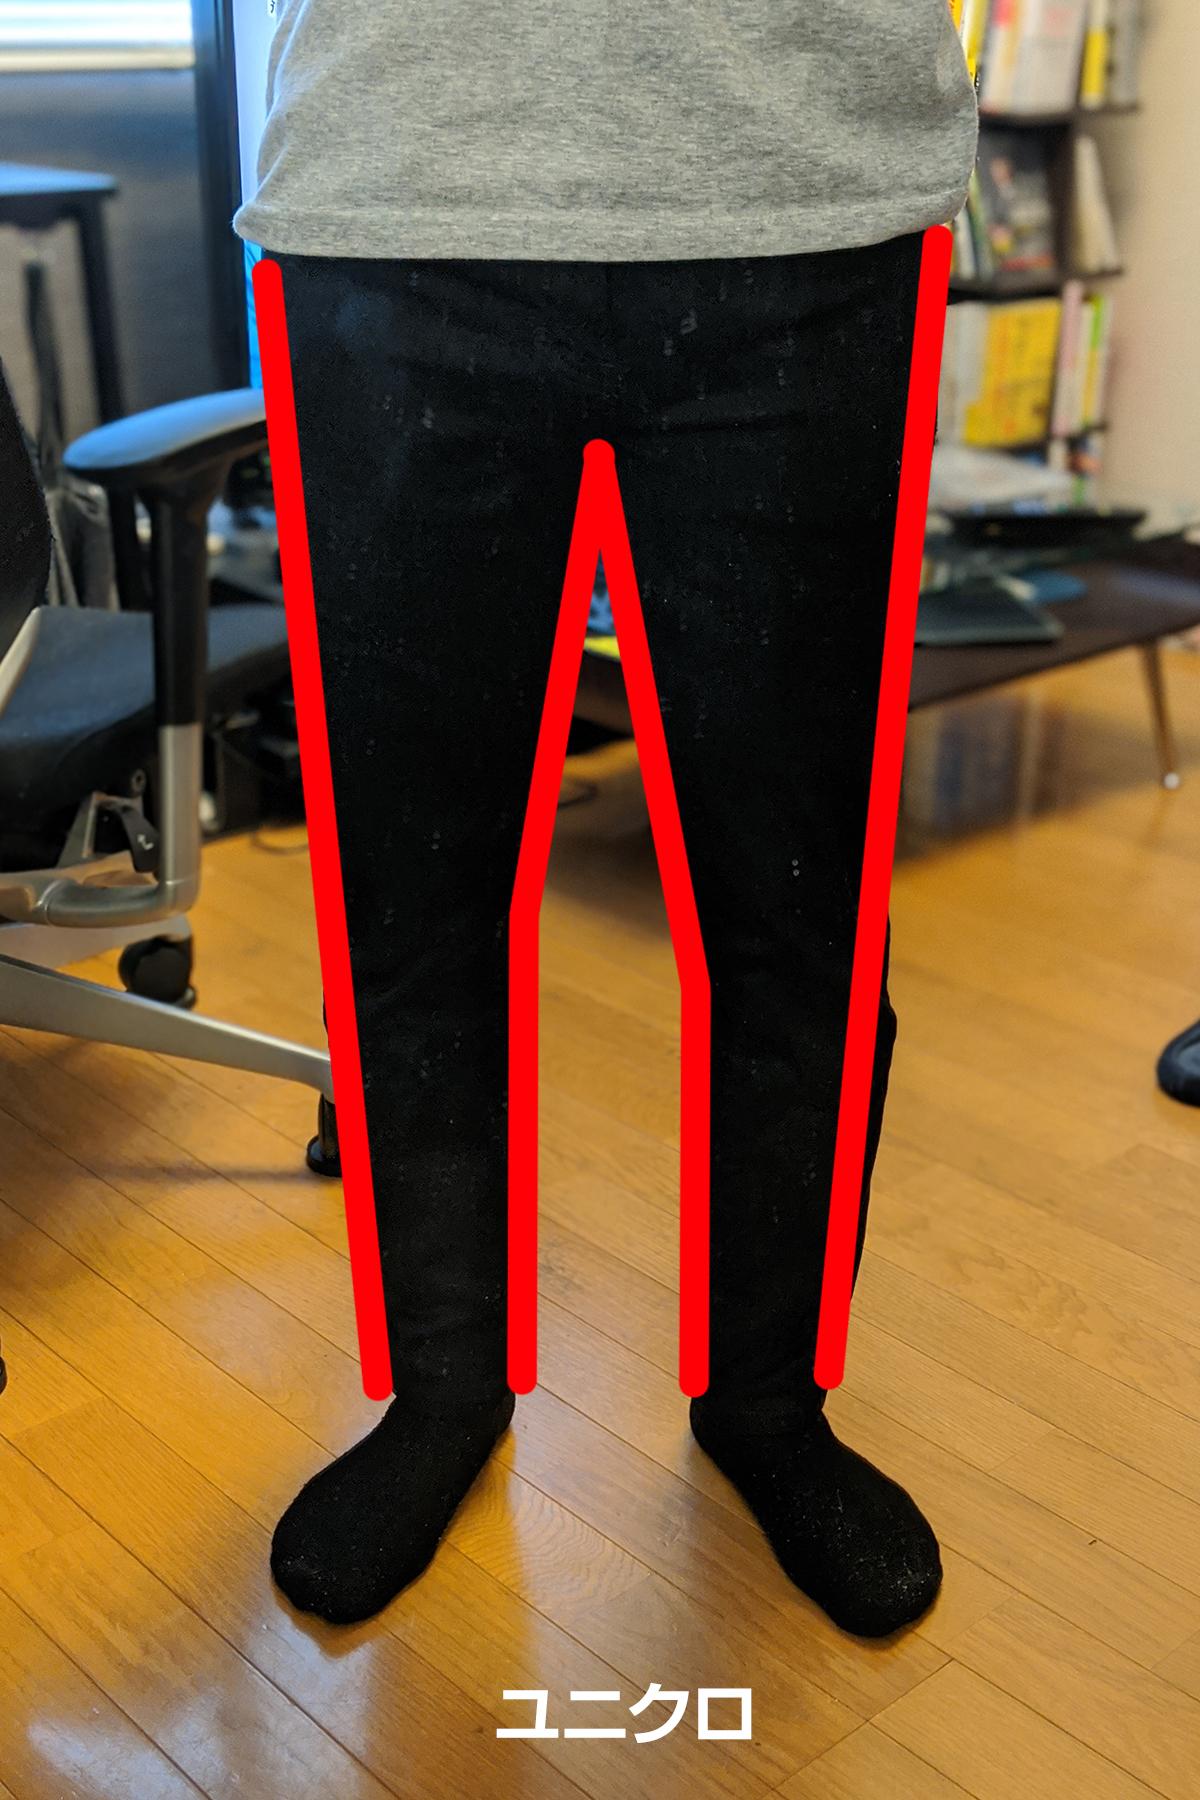 ユニクロのウルトラストレッチスキニーフィットジーンズを履いたときのライン